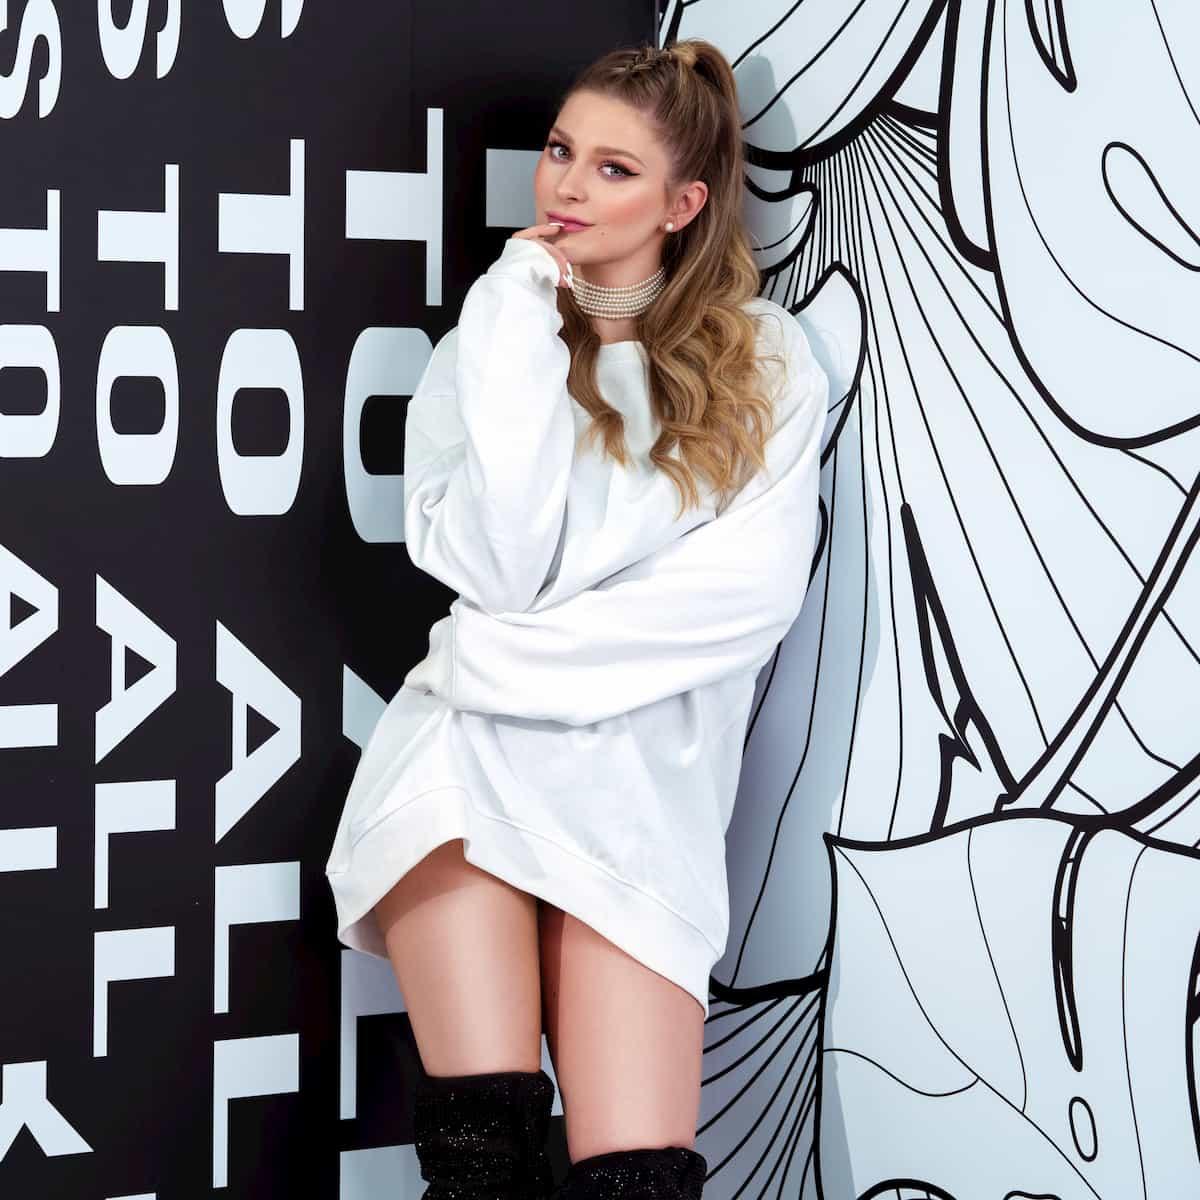 Marie Reim - Foto zu ihrer erste Single SOS